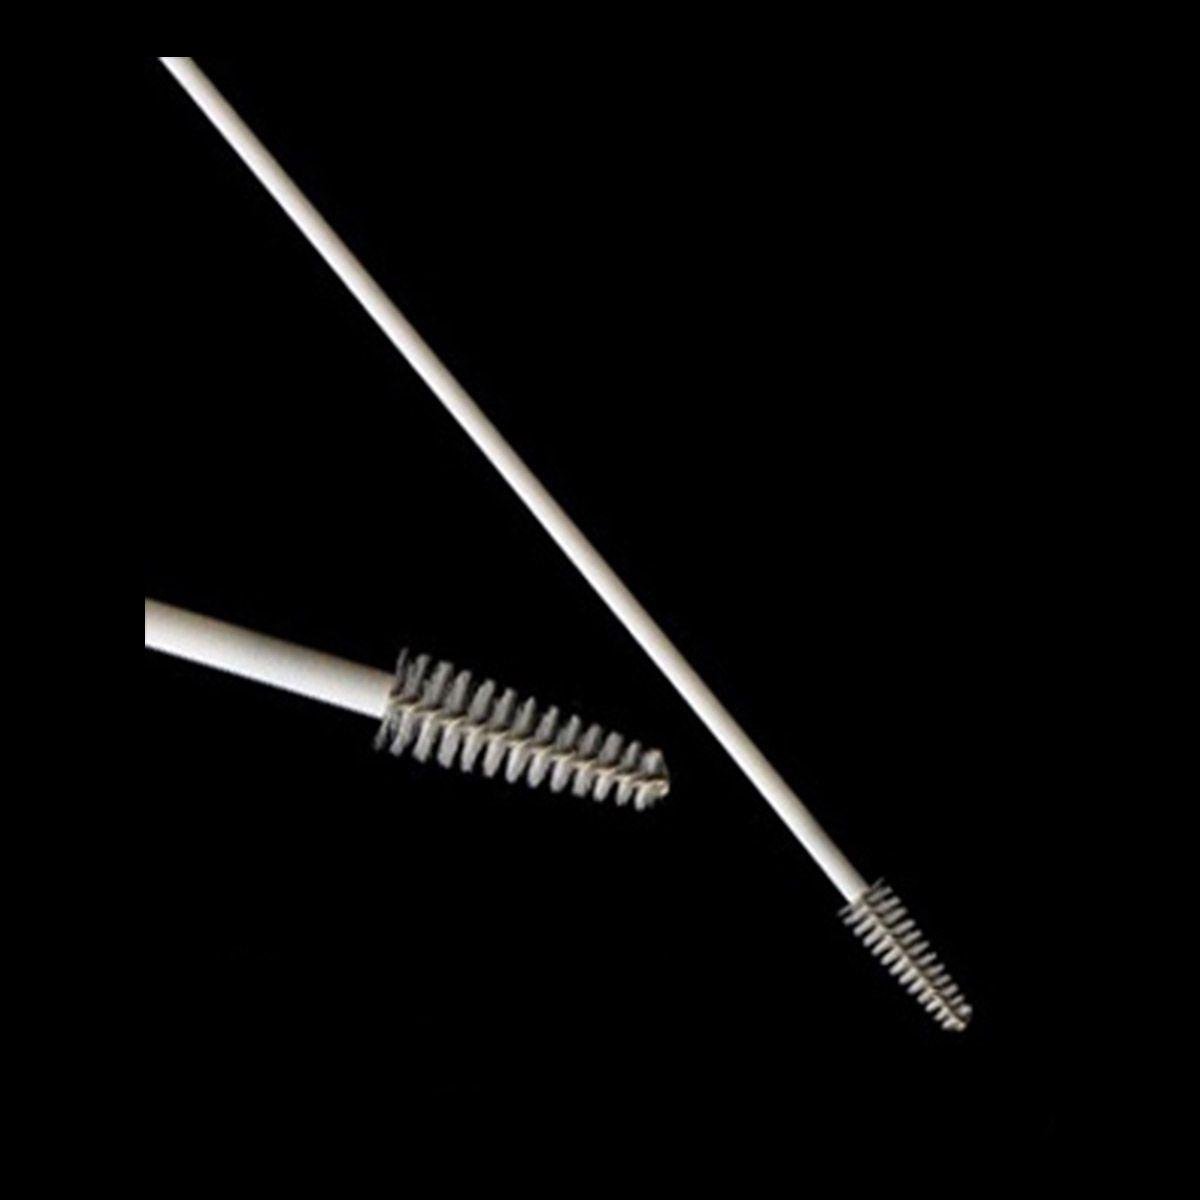 Escova Cervical Tradicional Descartável Caixa com 100 Unidades